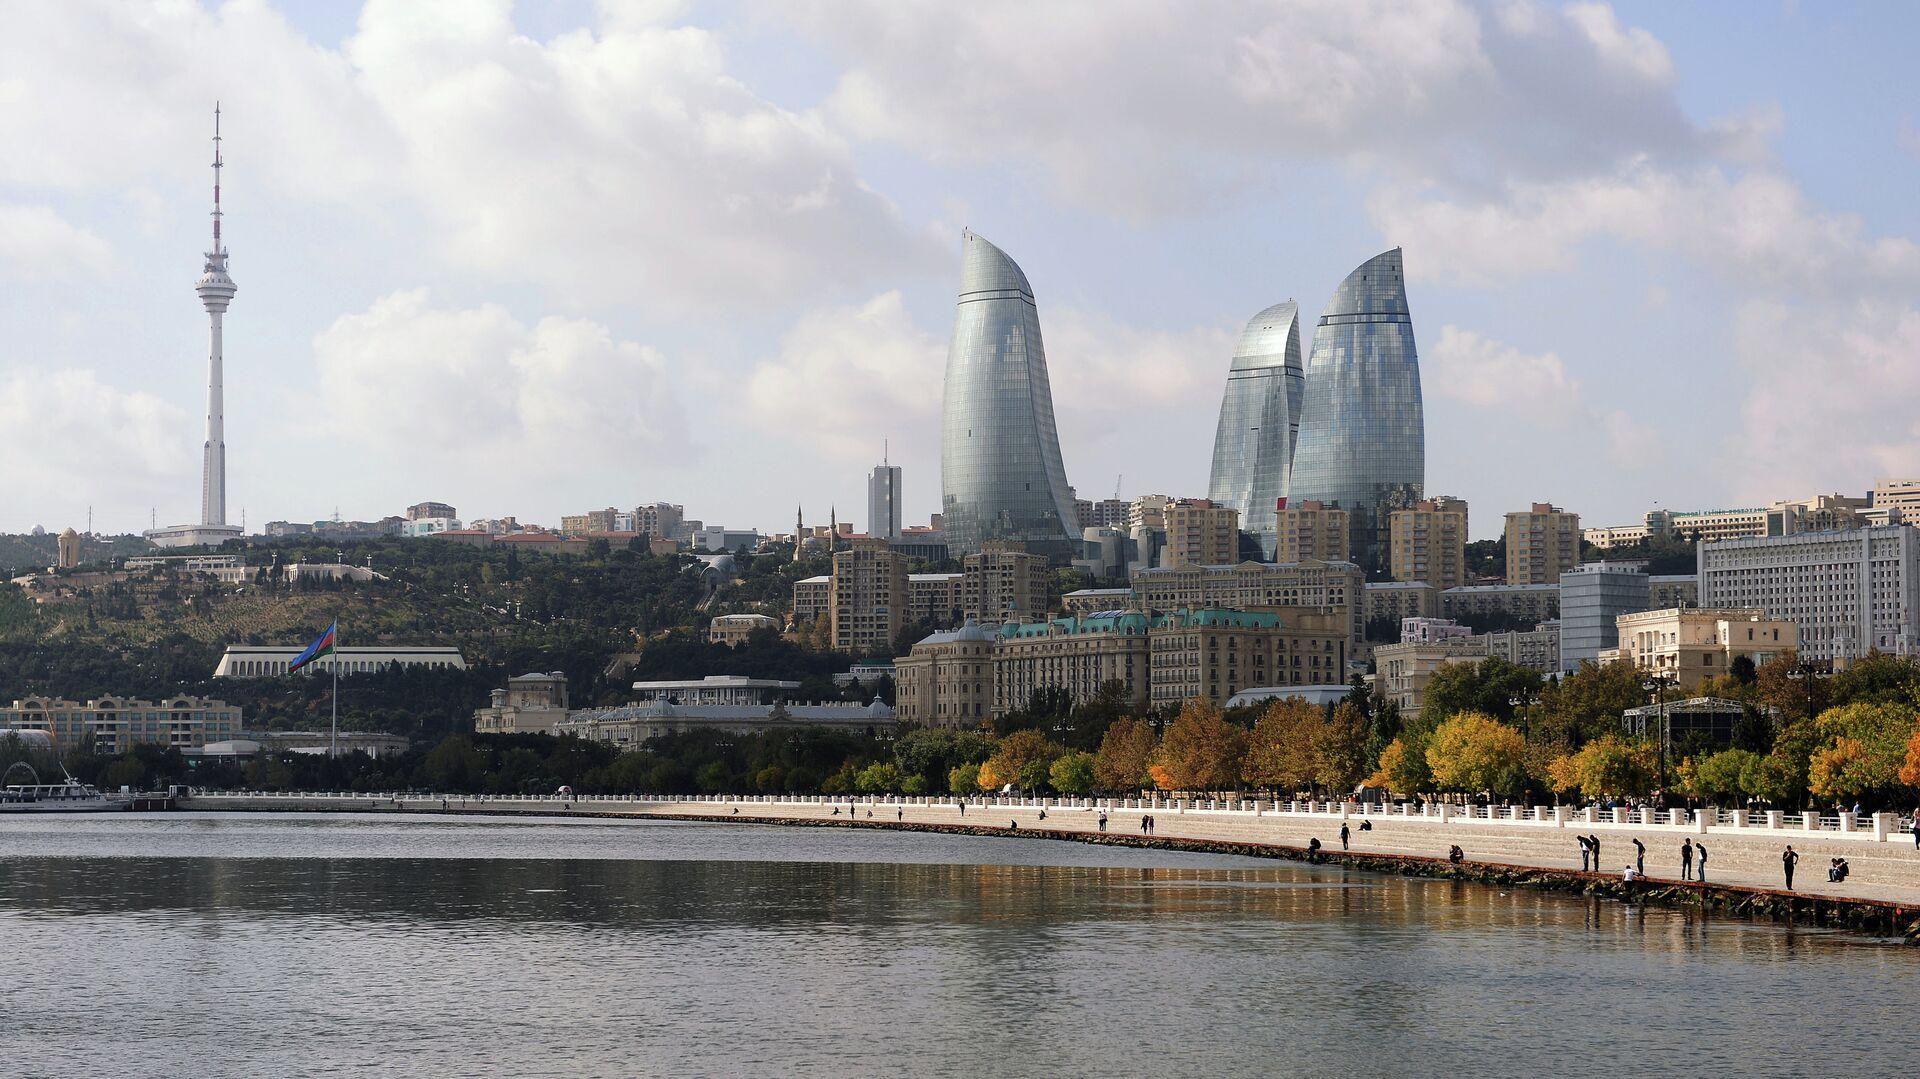 Города мира. Баку - РИА Новости, 1920, 29.07.2020